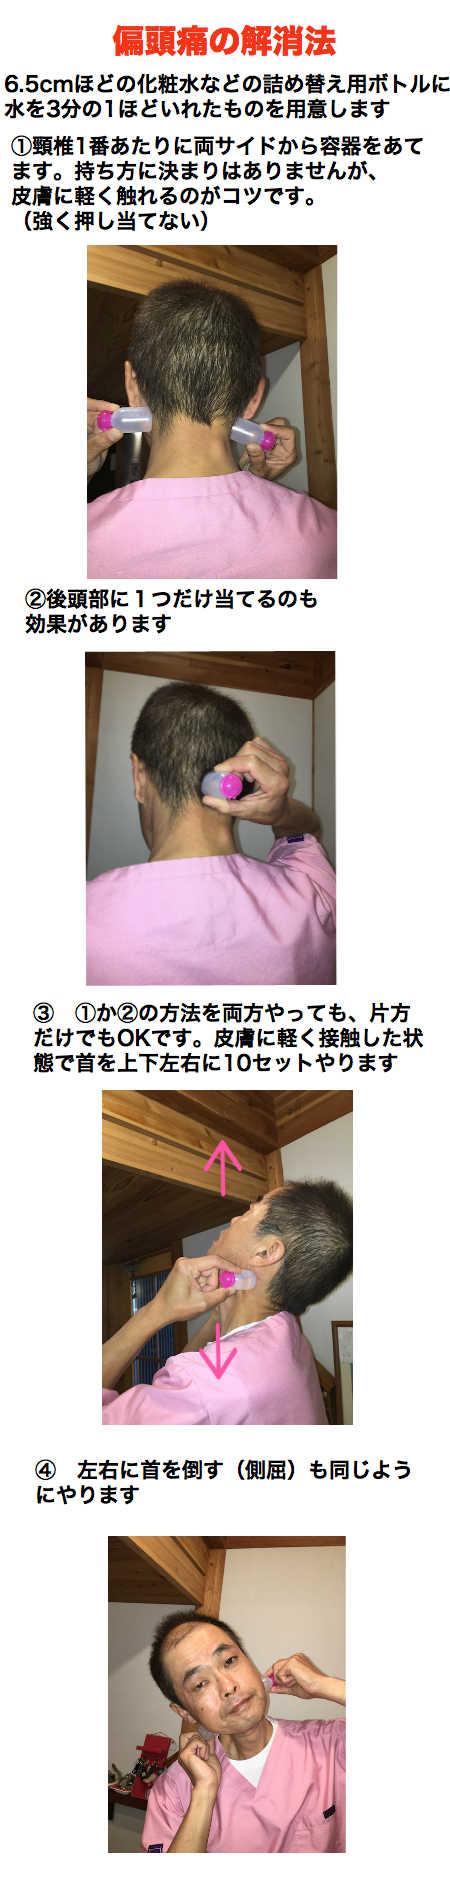 偏頭痛のケア1